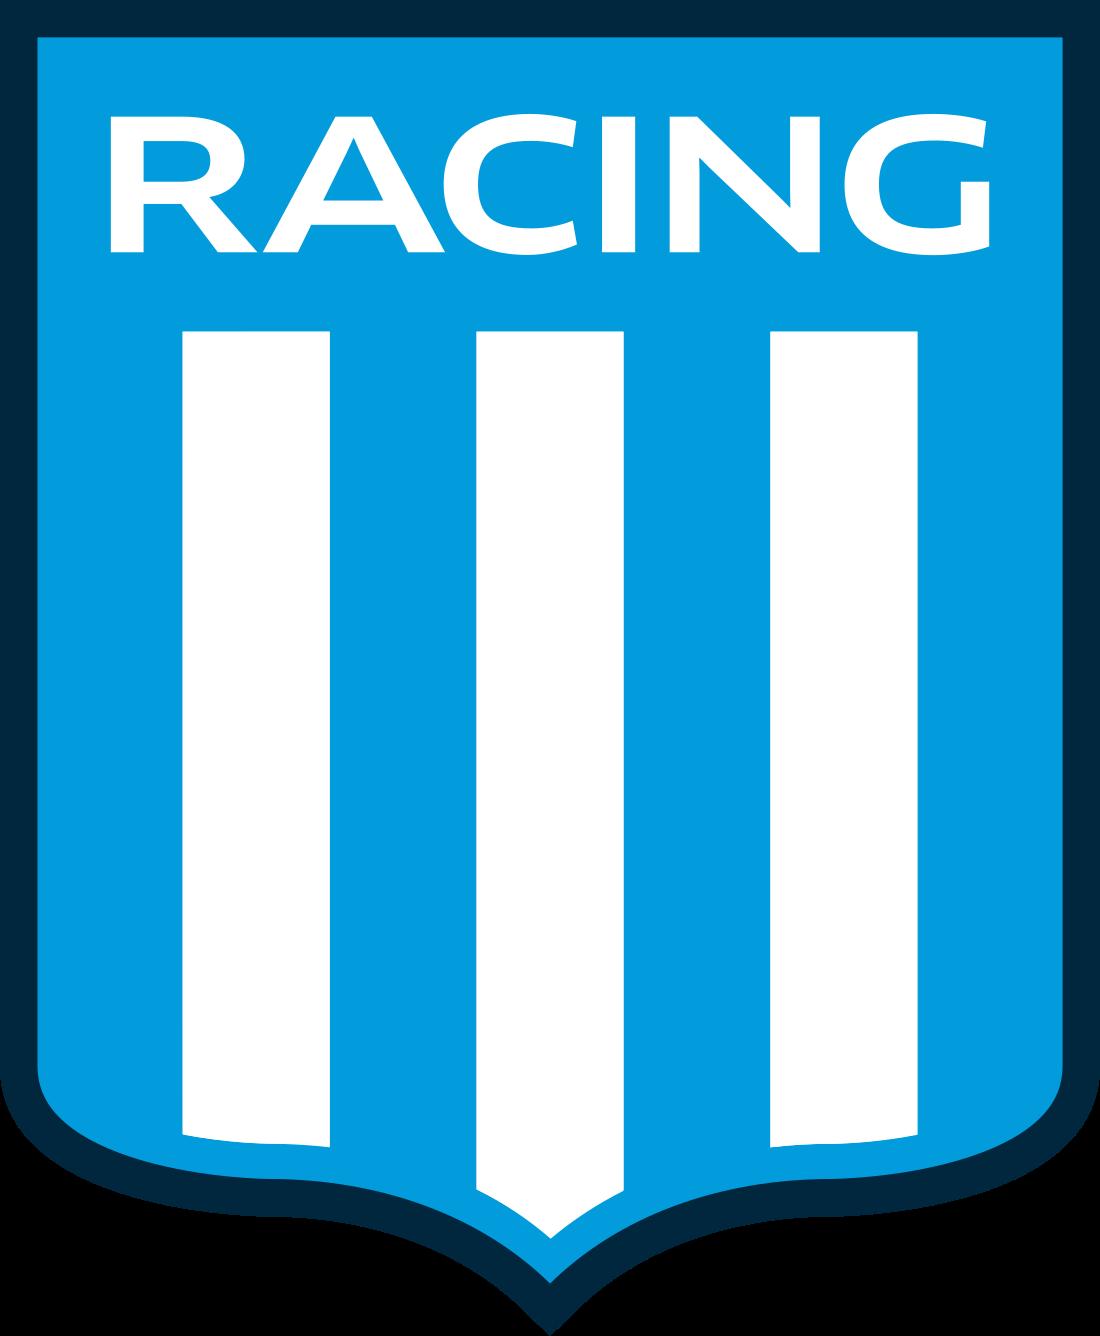 racing logo escudo 3 - Racing Logo - Racing Club de Avellaneda Escudo